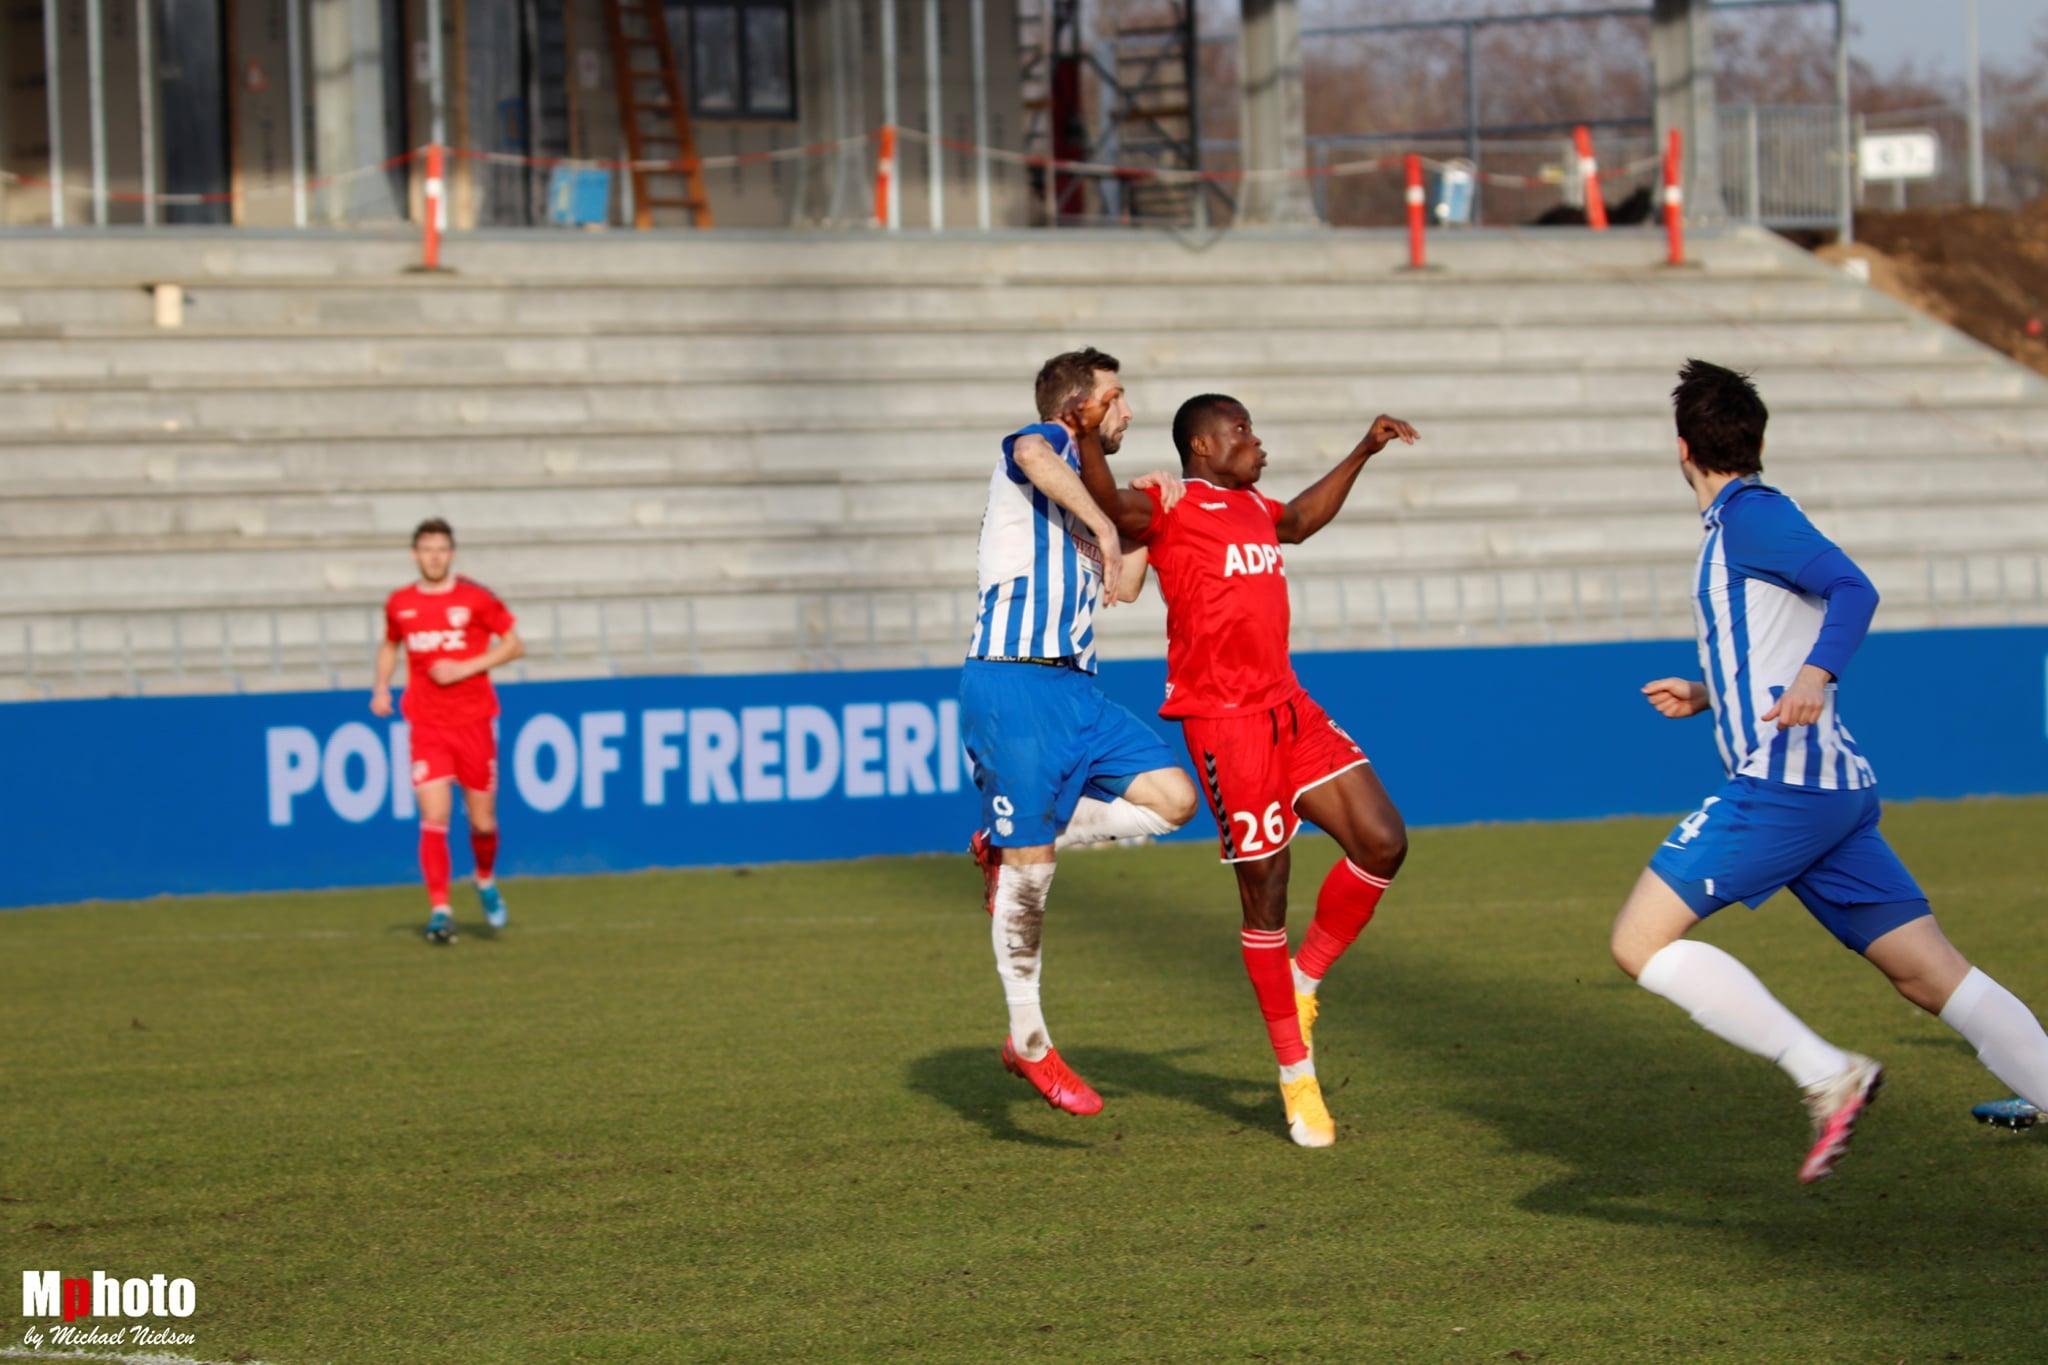 Vigtig sejr til FC Fredericia i Sundby Idrætspark